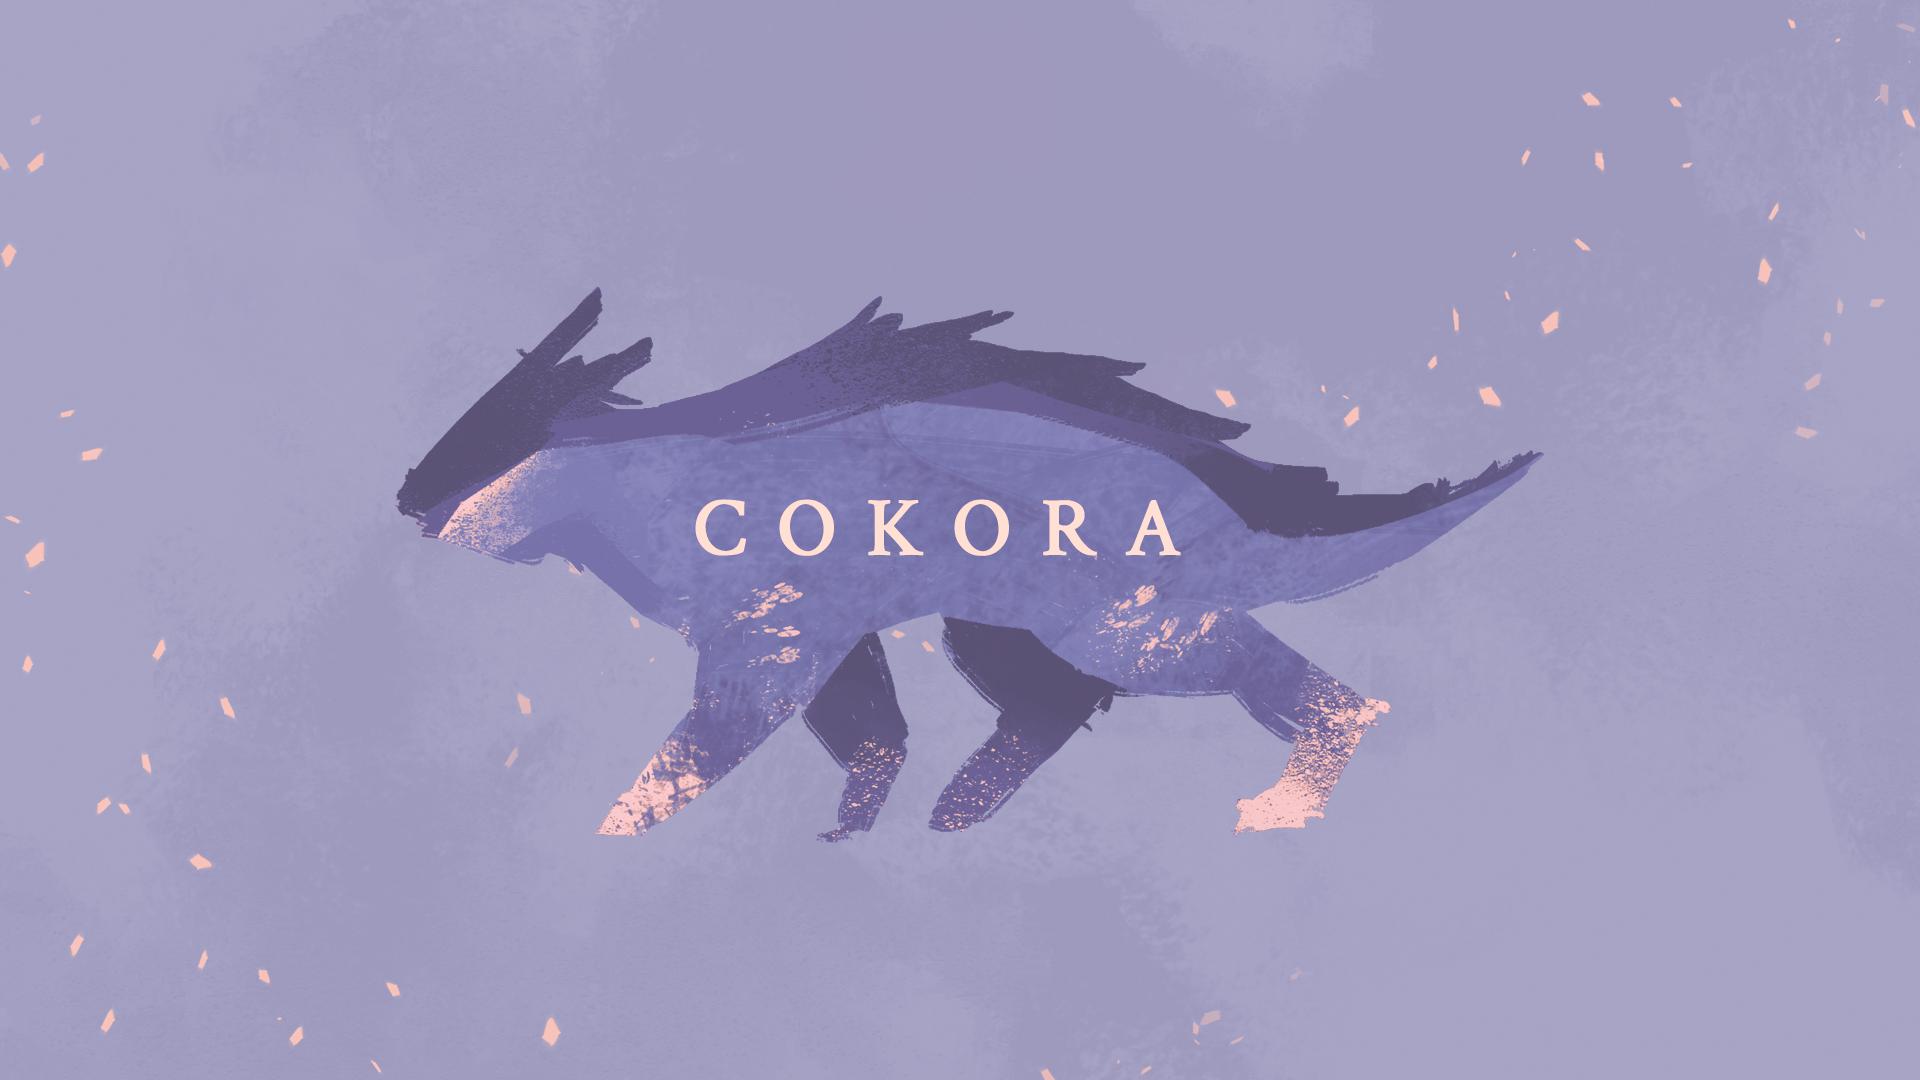 Cokora